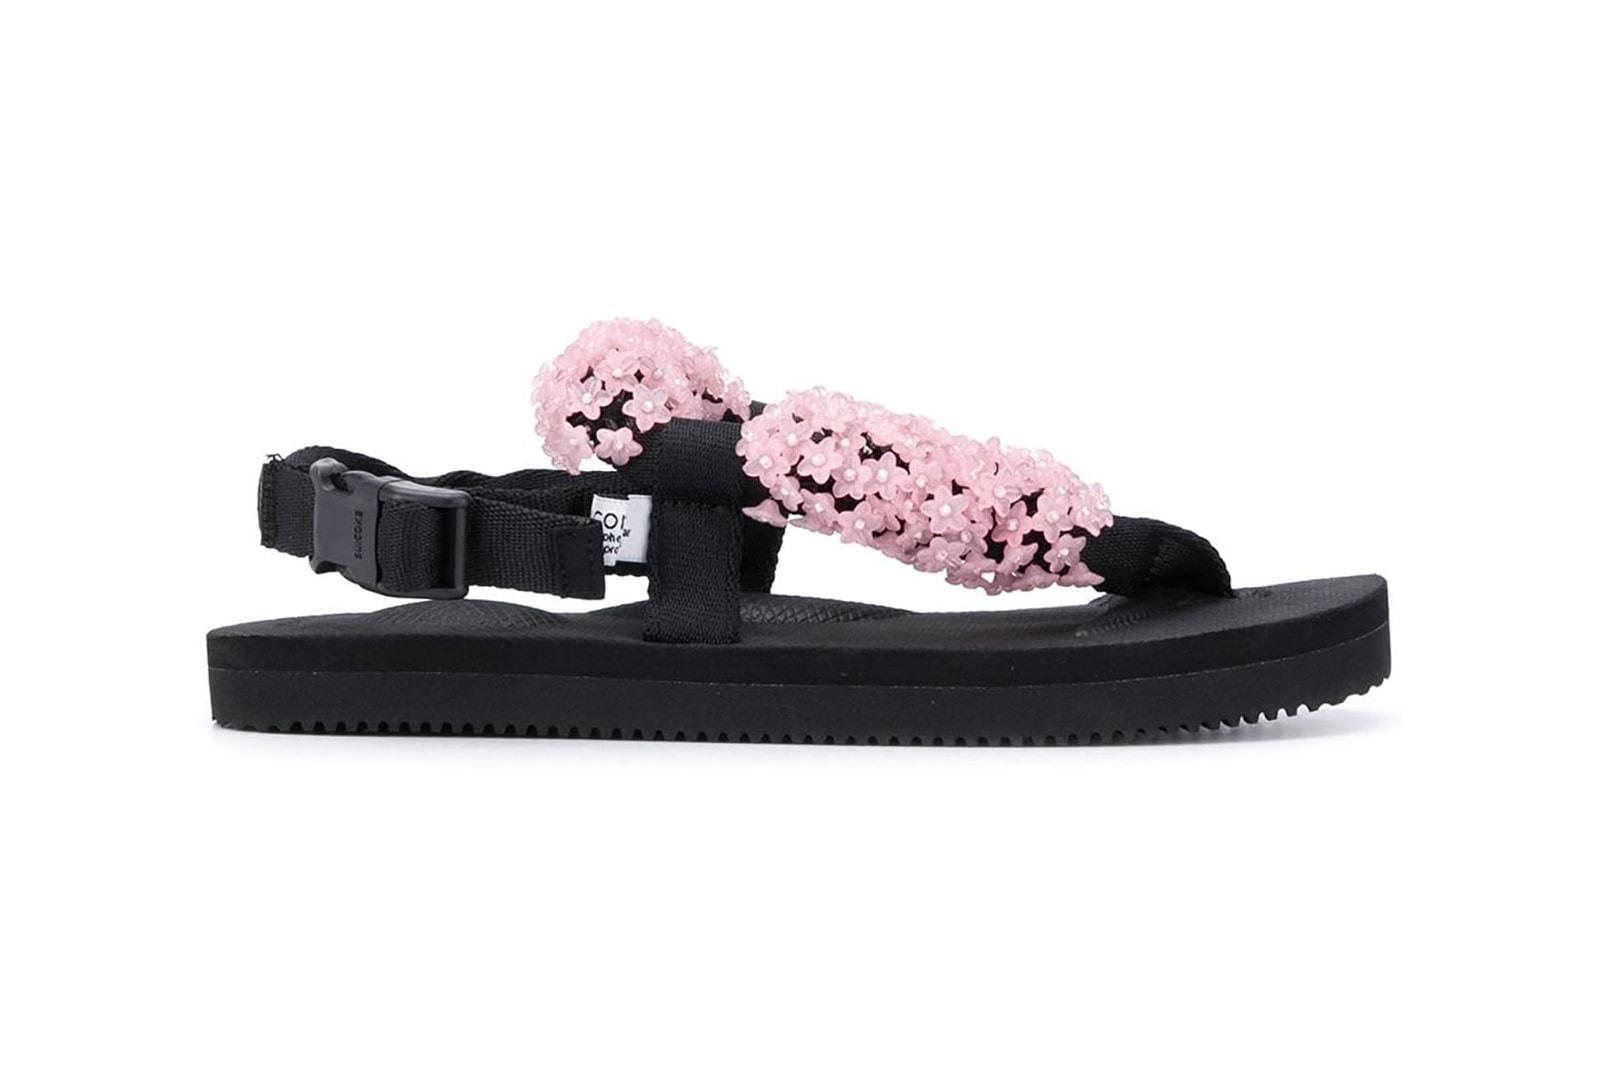 Cecilie Bahnsen x Suicoke Kat Floral Sandals Pink